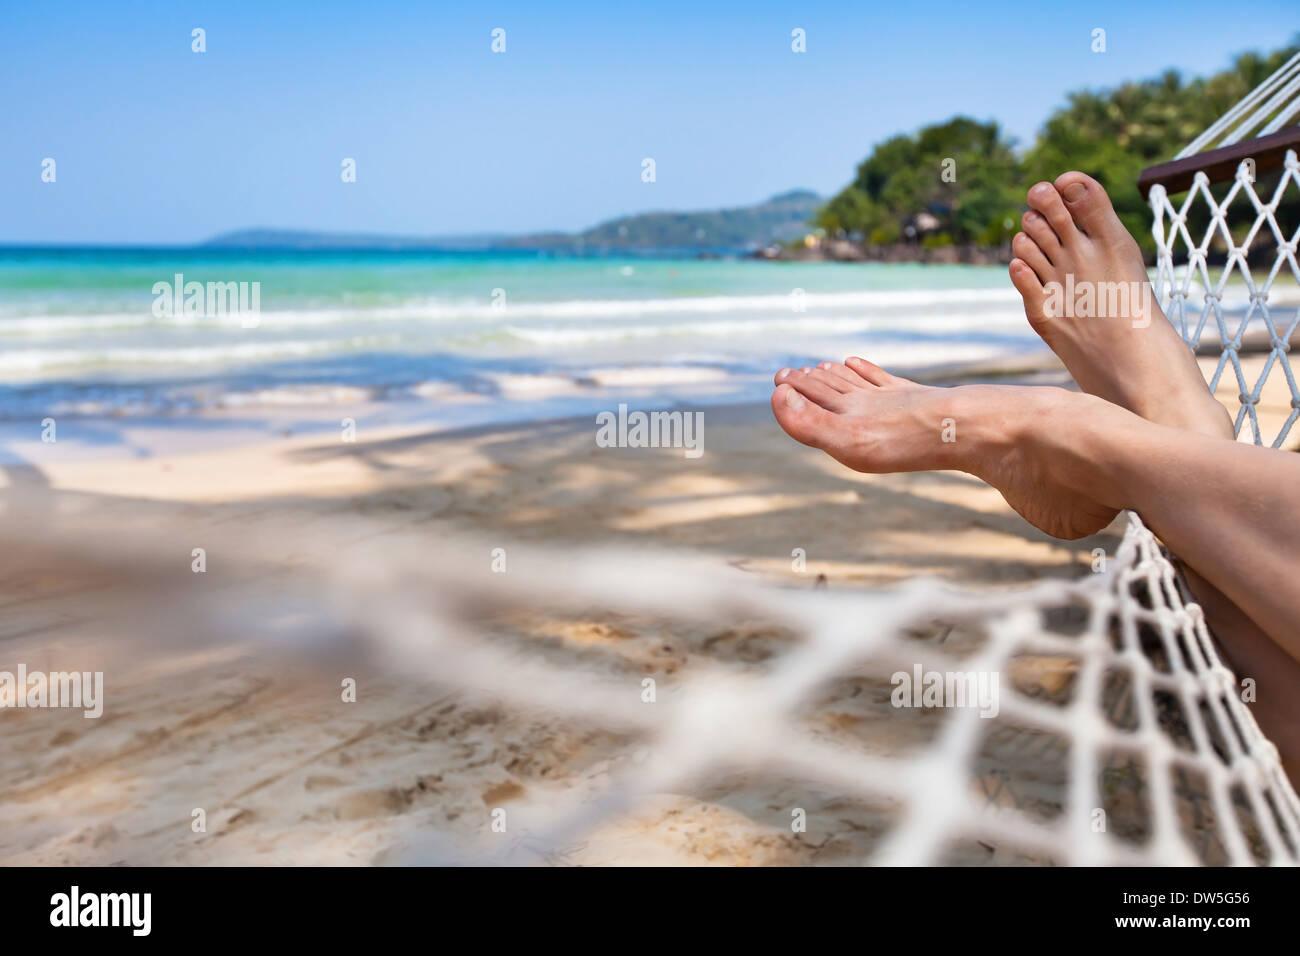 Mujer pies en una hamaca en la playa Imagen De Stock